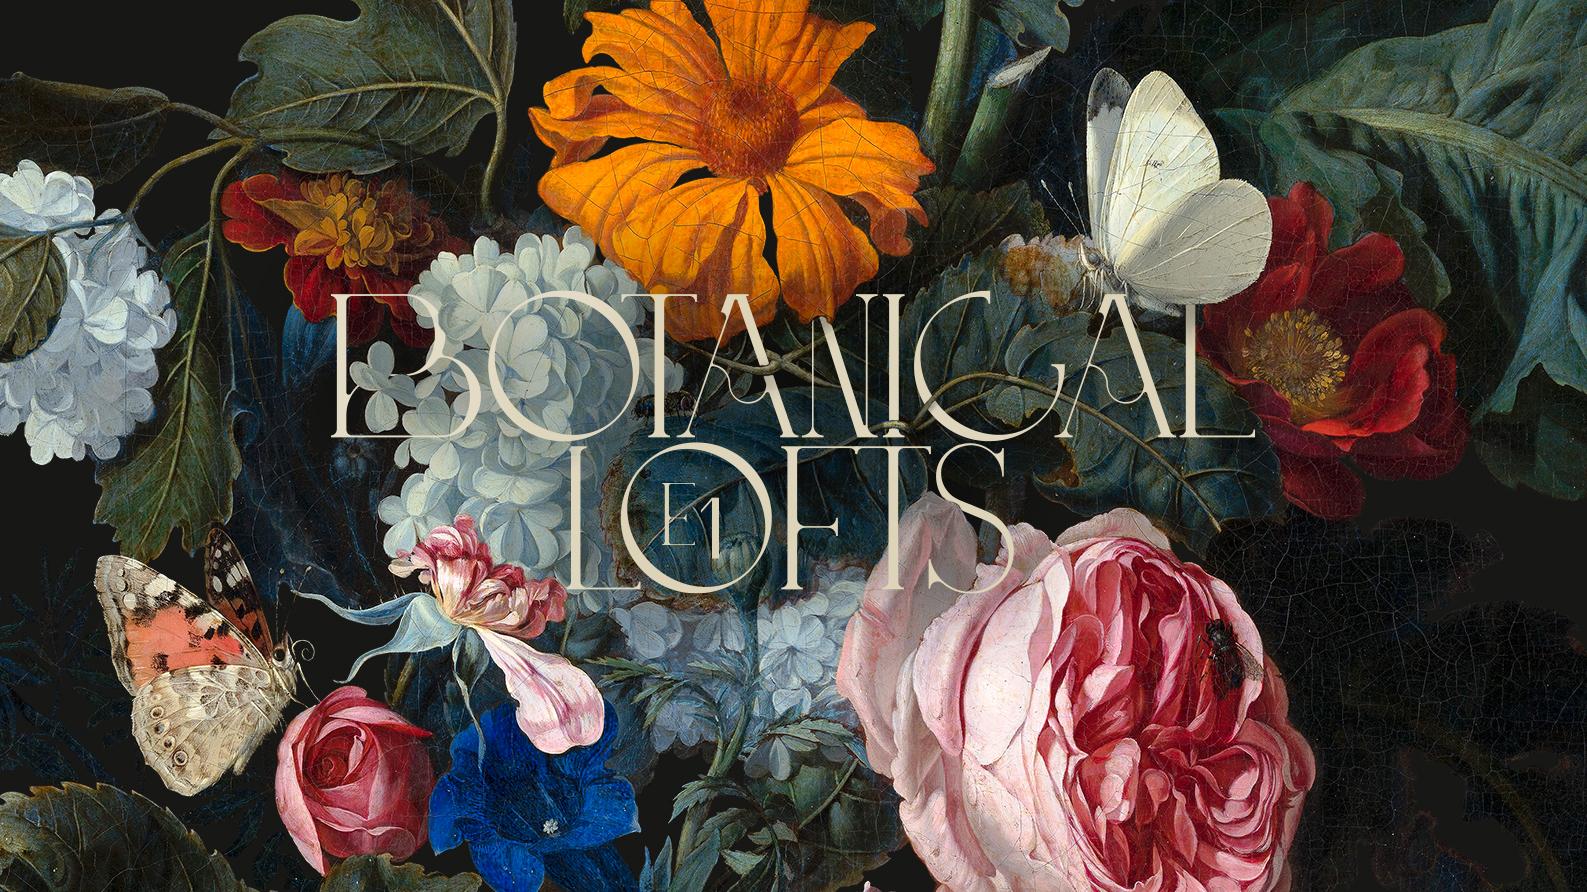 Branding for Botanical Lofts, London E1